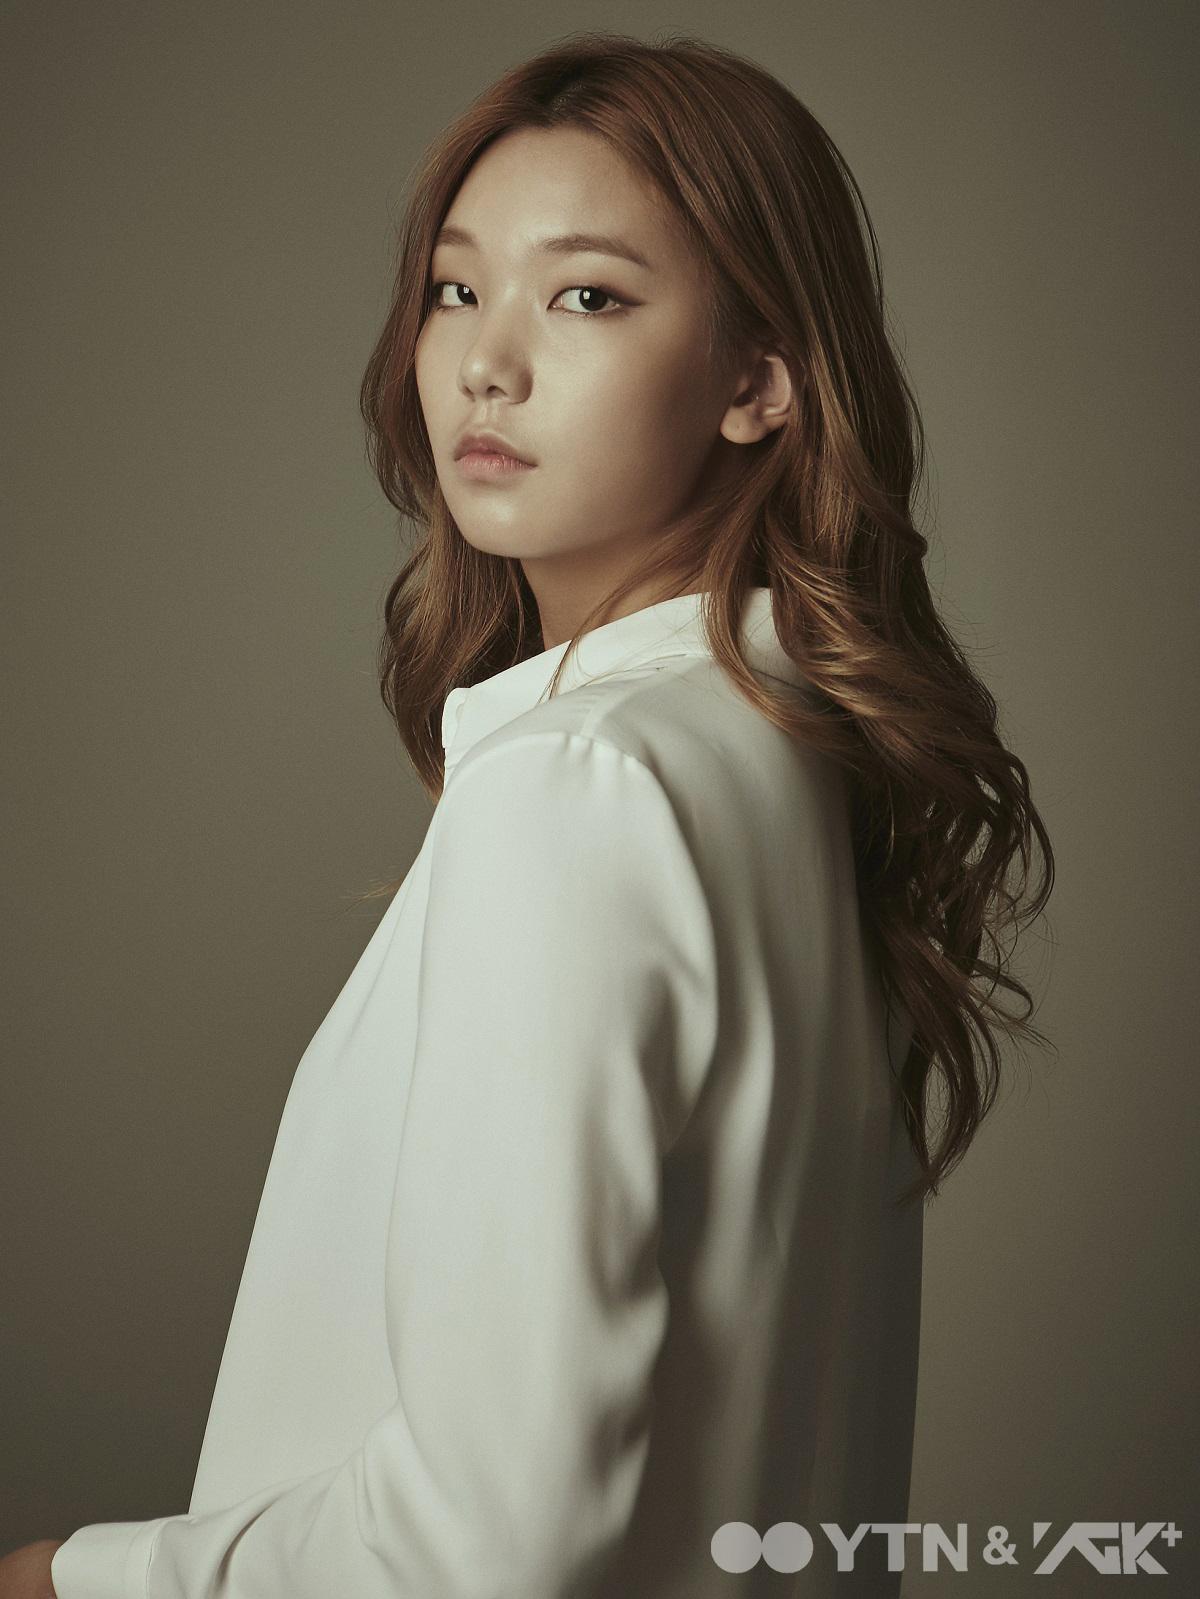 모델 이호정, 드라마 '불야성'으로 첫 연기 도전! '기대감 UP'